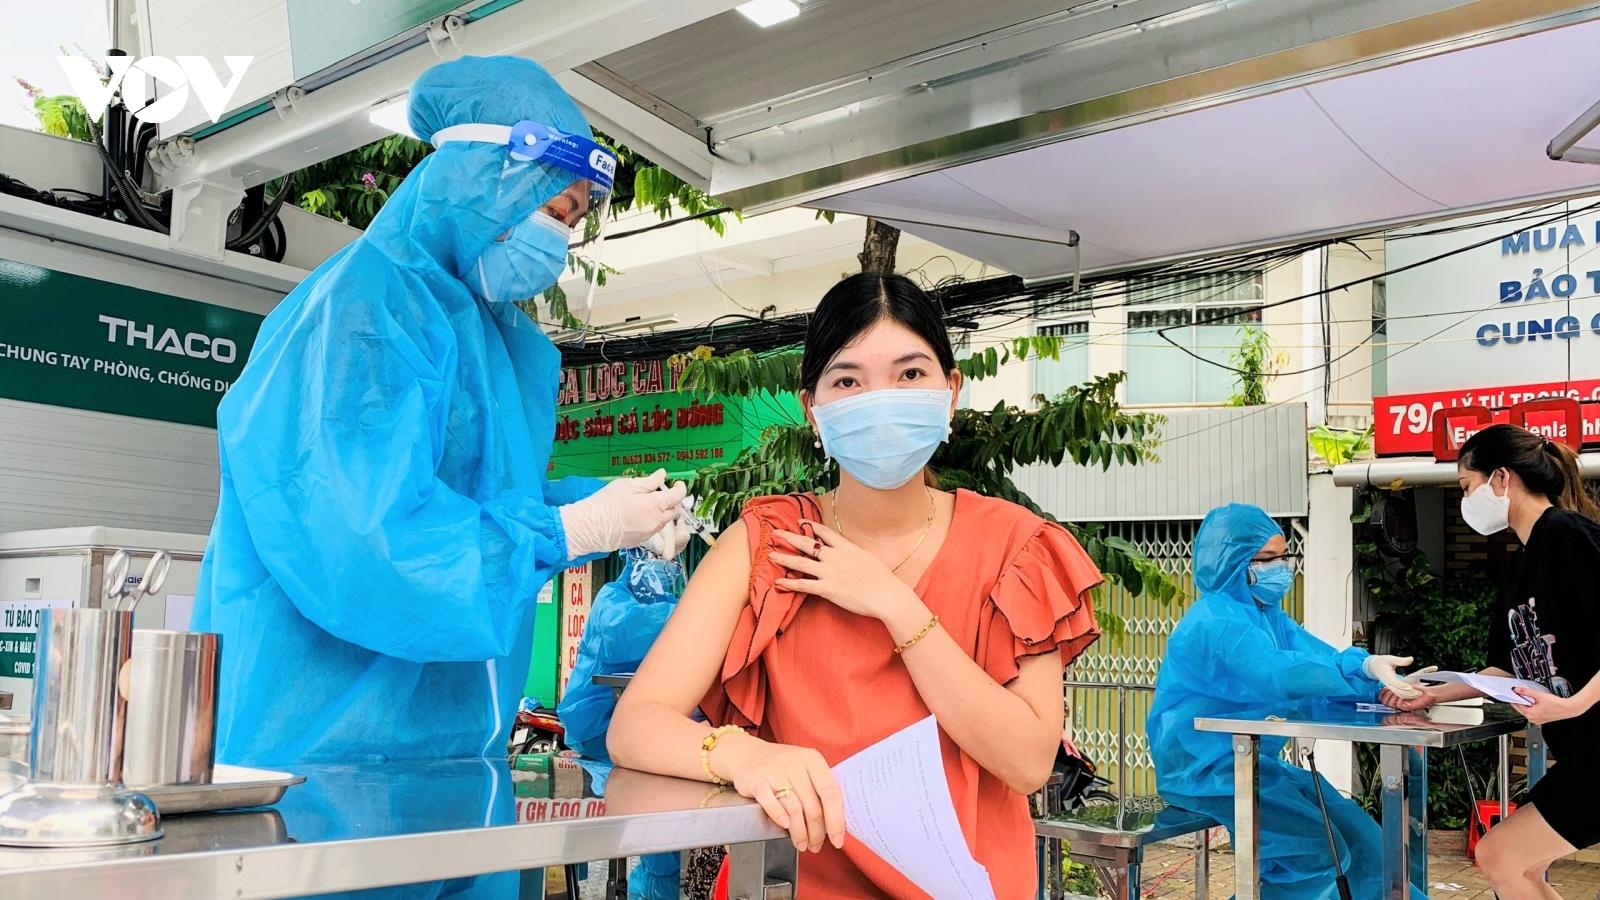 Vẫn còn một số nơi tiến độ tiêm vaccine Covid-19 còn chậm, chưa nỗ lực